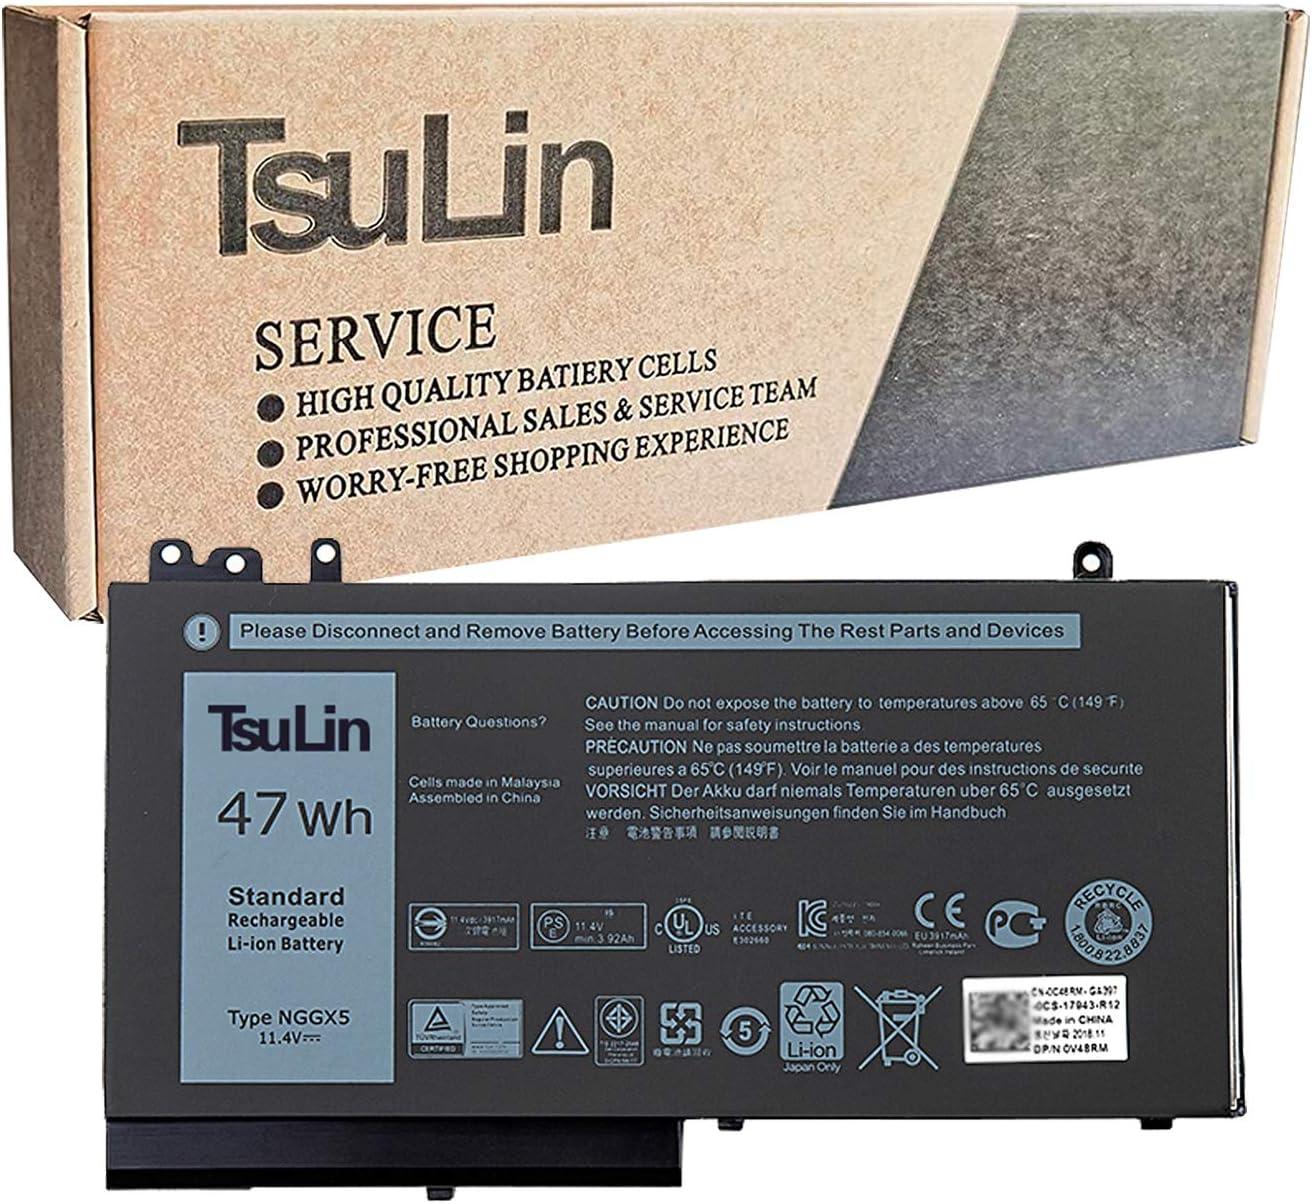 TsuLin NGGX5 Laptop Battery Compatible with Dell Latitude 5270 5470 5570 E5270 E5470 E5570 Precision 3510 Series 954DF JY8DF XWDK1 451-BBUN 451-BBUM 451-BBUK NCVW8 XKWC7 451-BBUJ 53VJ6 11.4V 47Wh